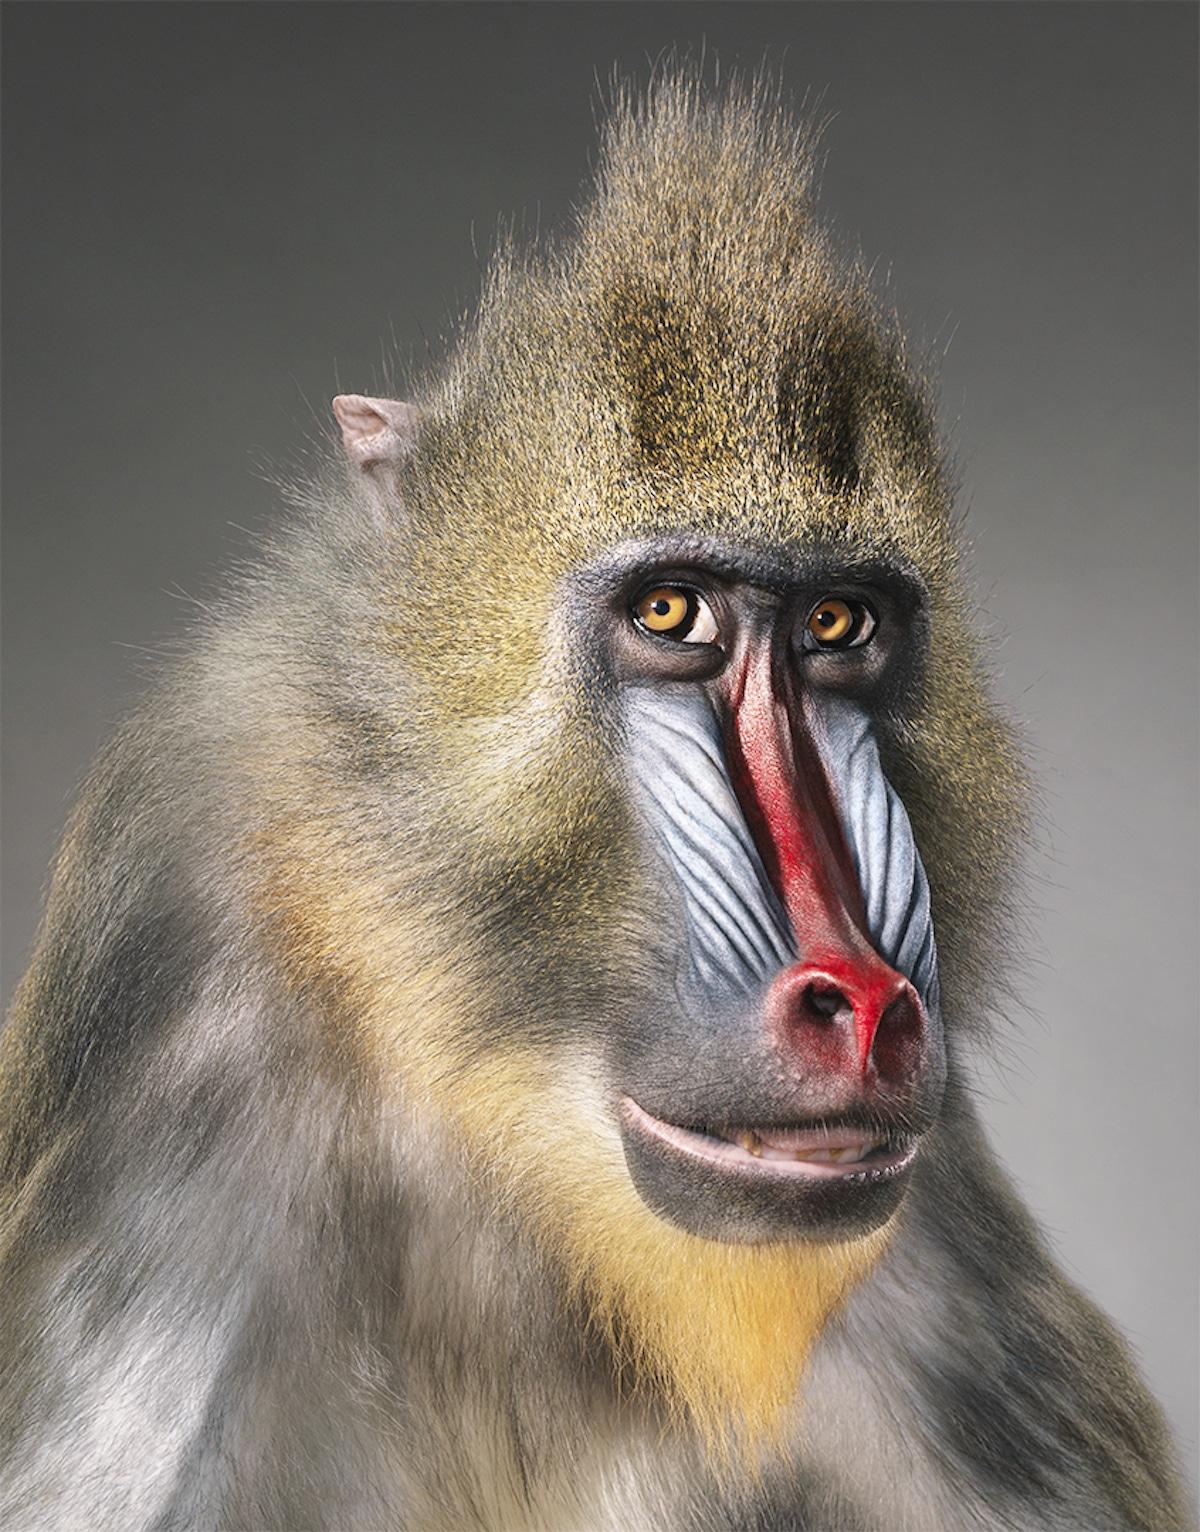 Zdjęcie szympansa patrzącego w obiektyw